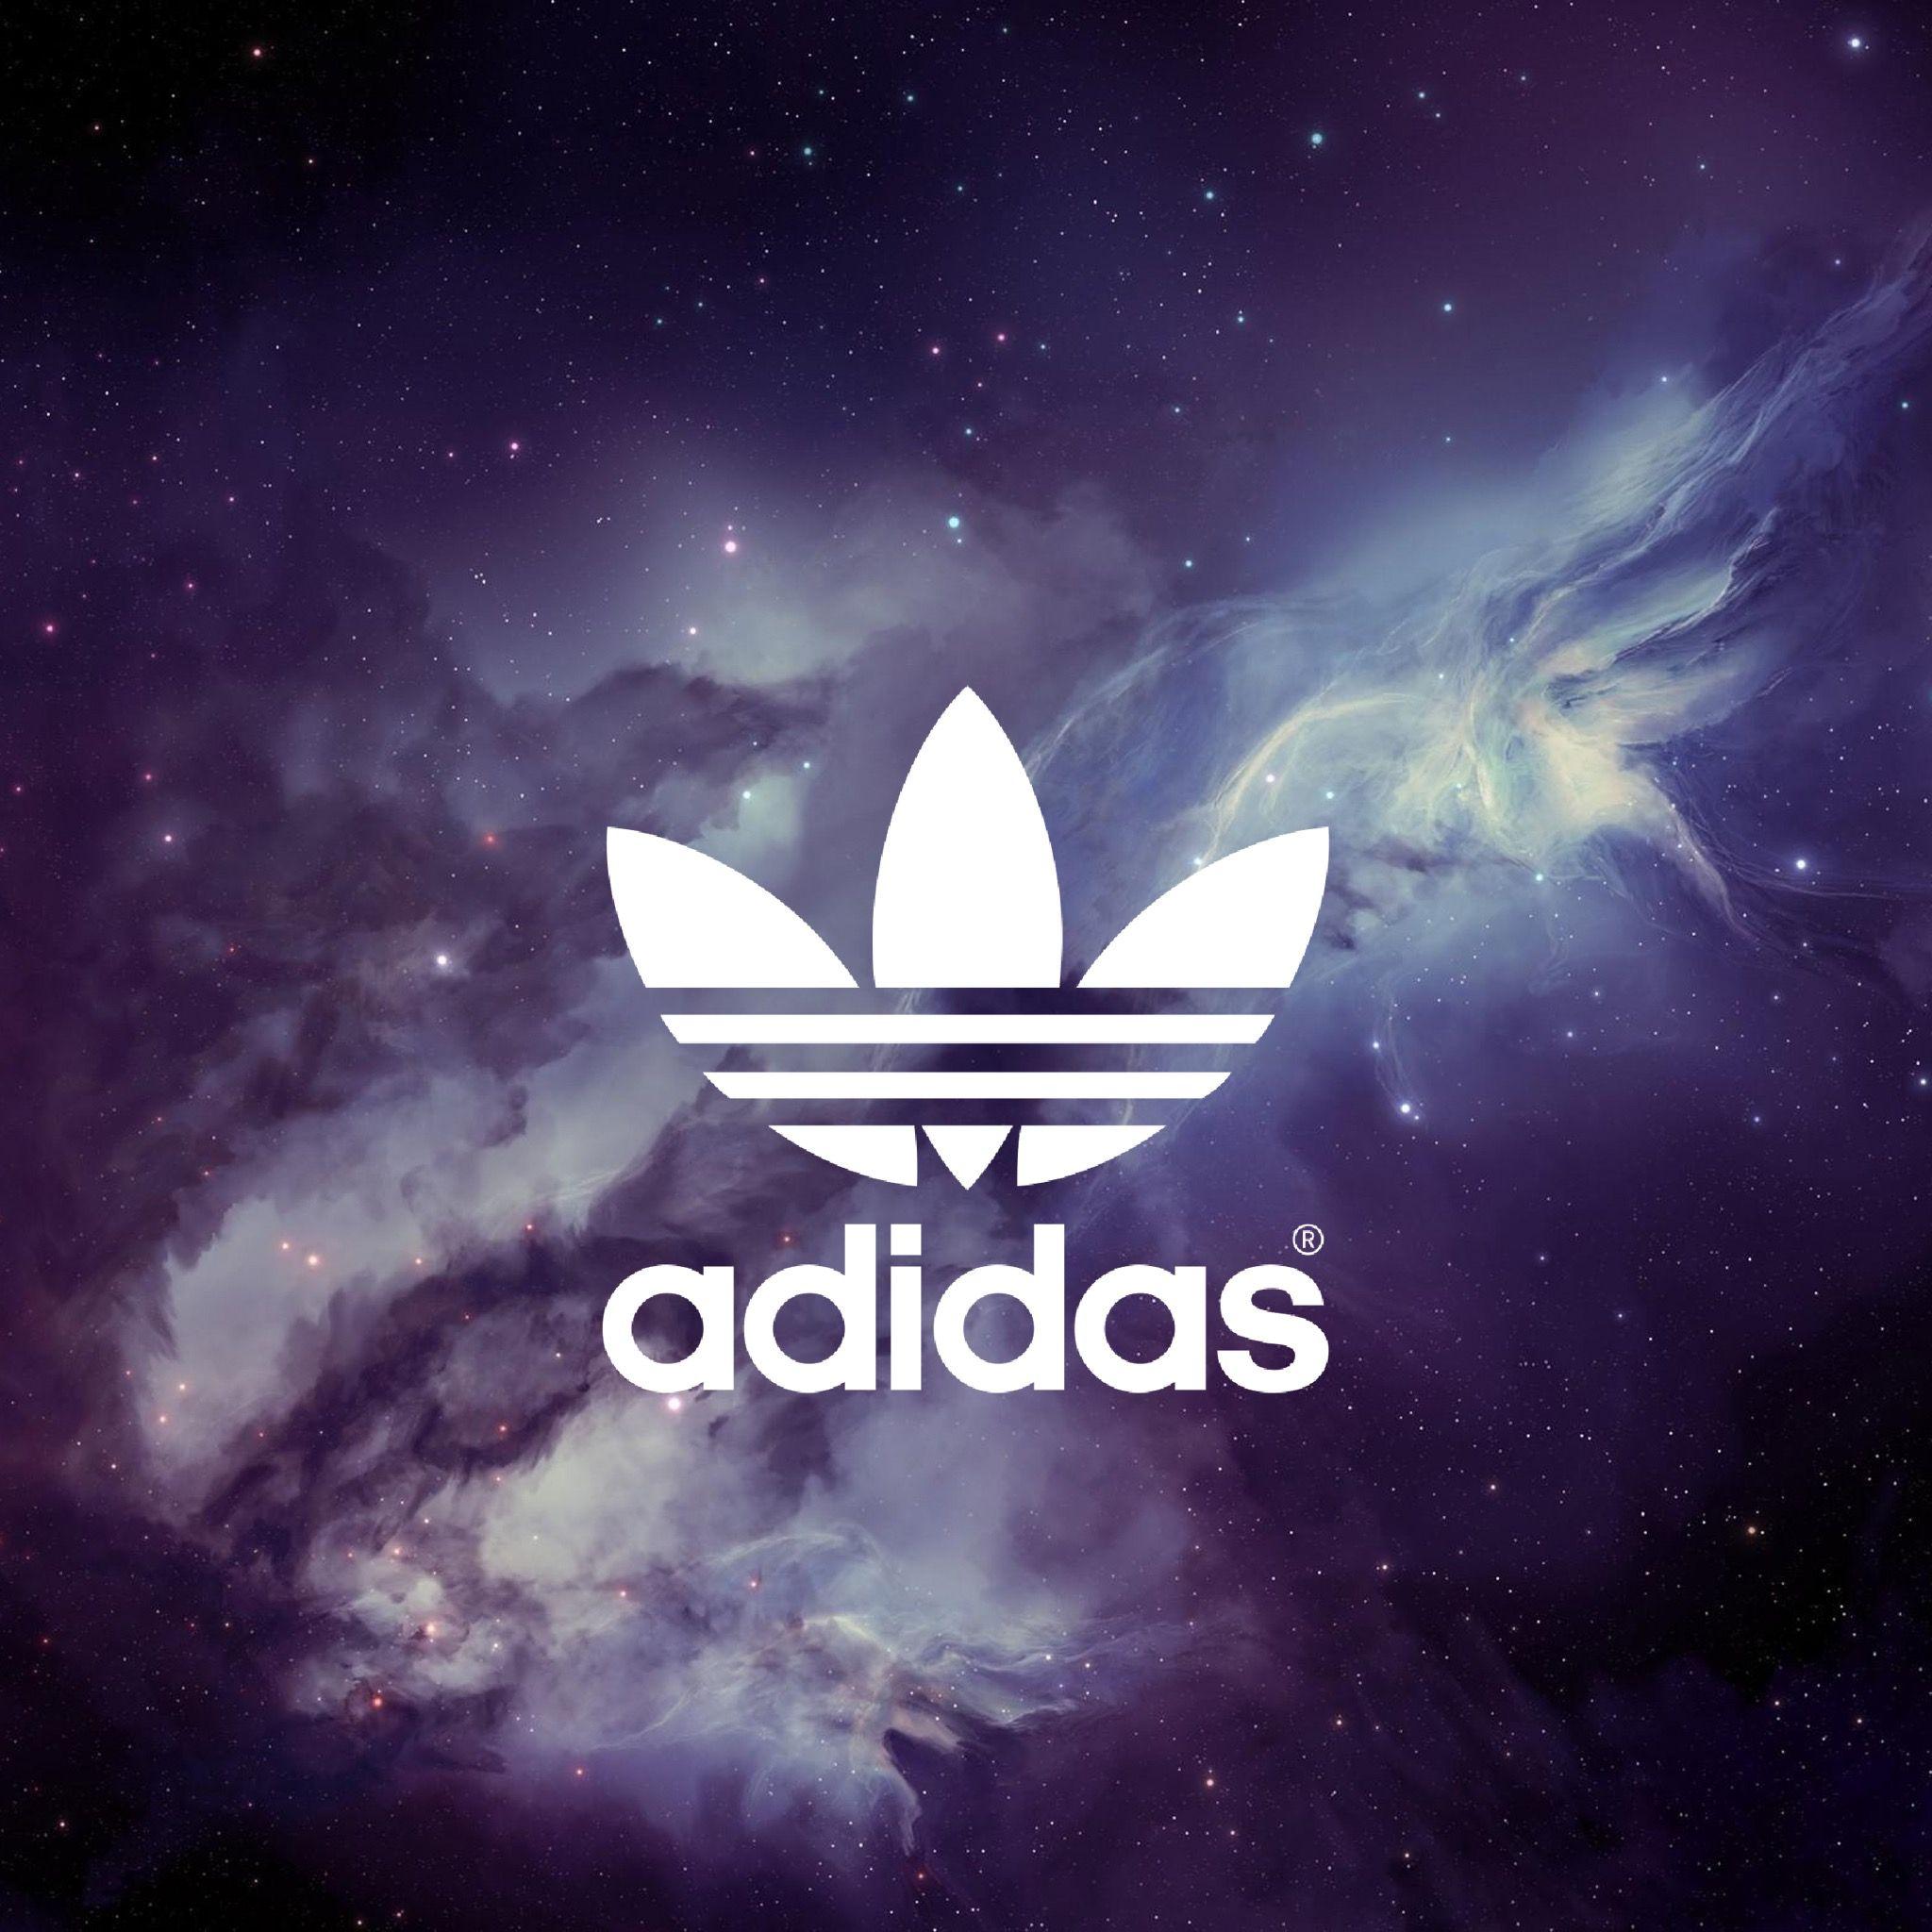 adidas galaxy wallpaper walpapers pinterest wallpaper